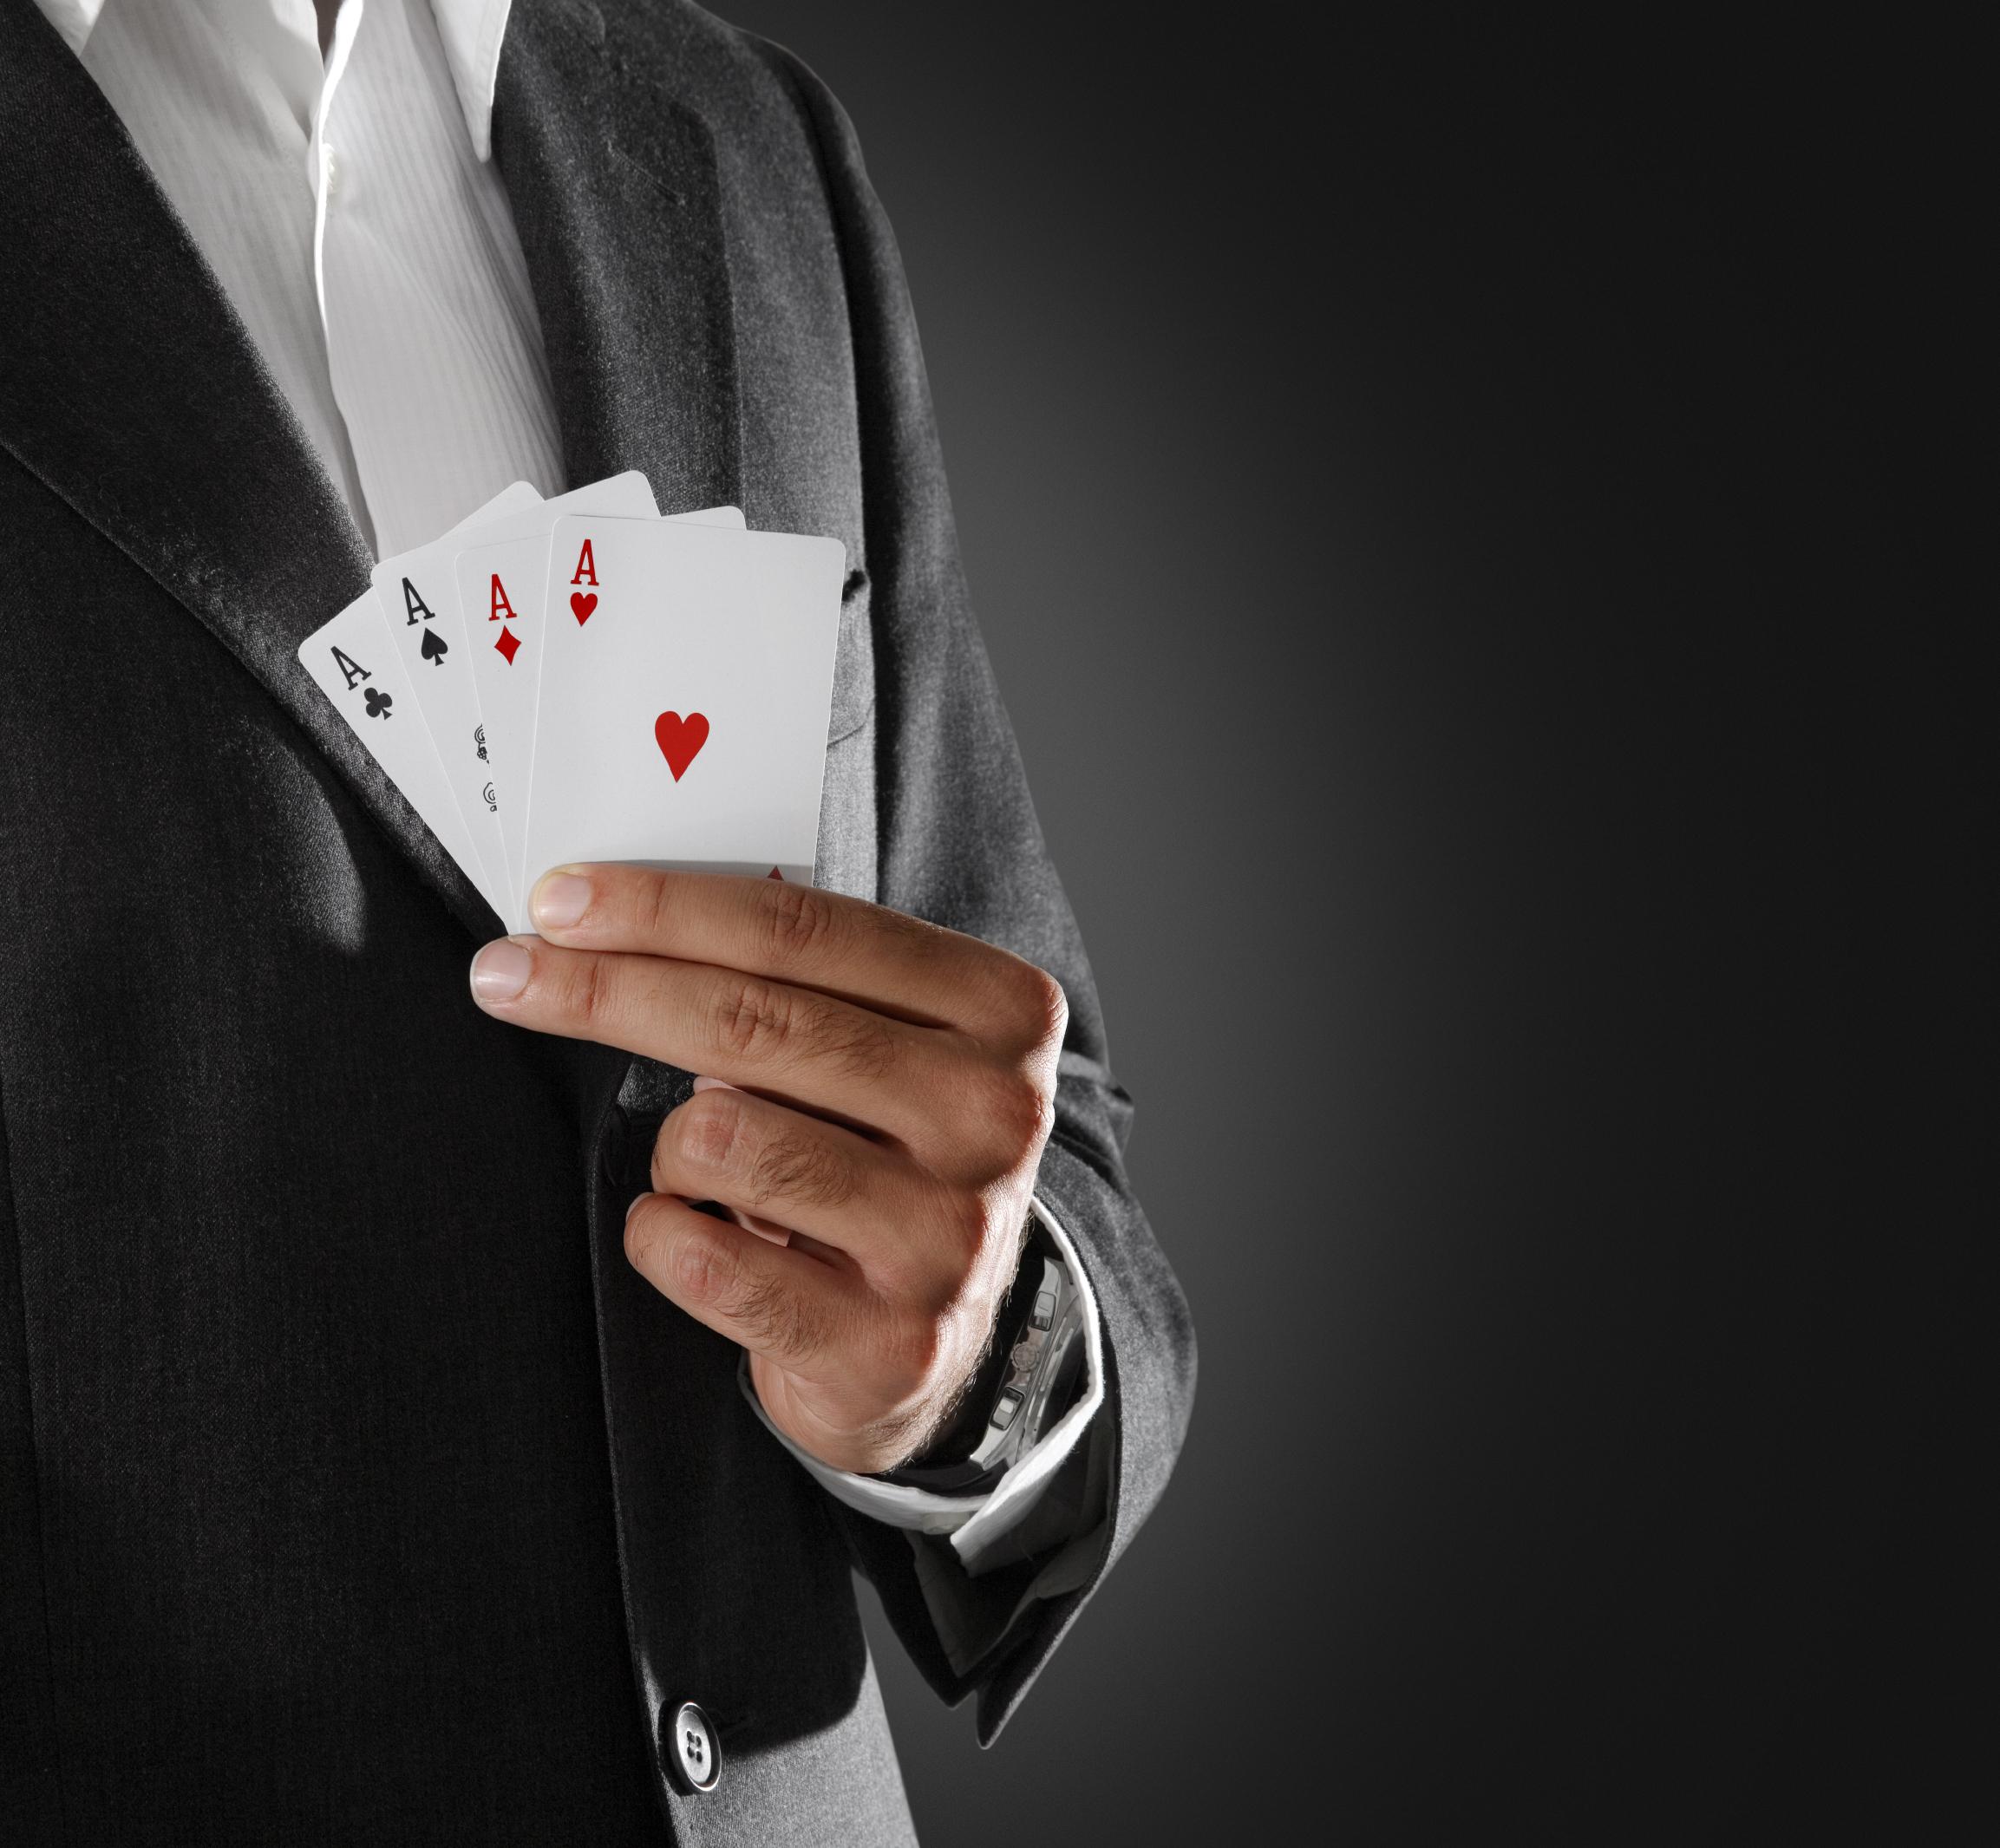 Lovec, rybář nebo hazardní hráč?